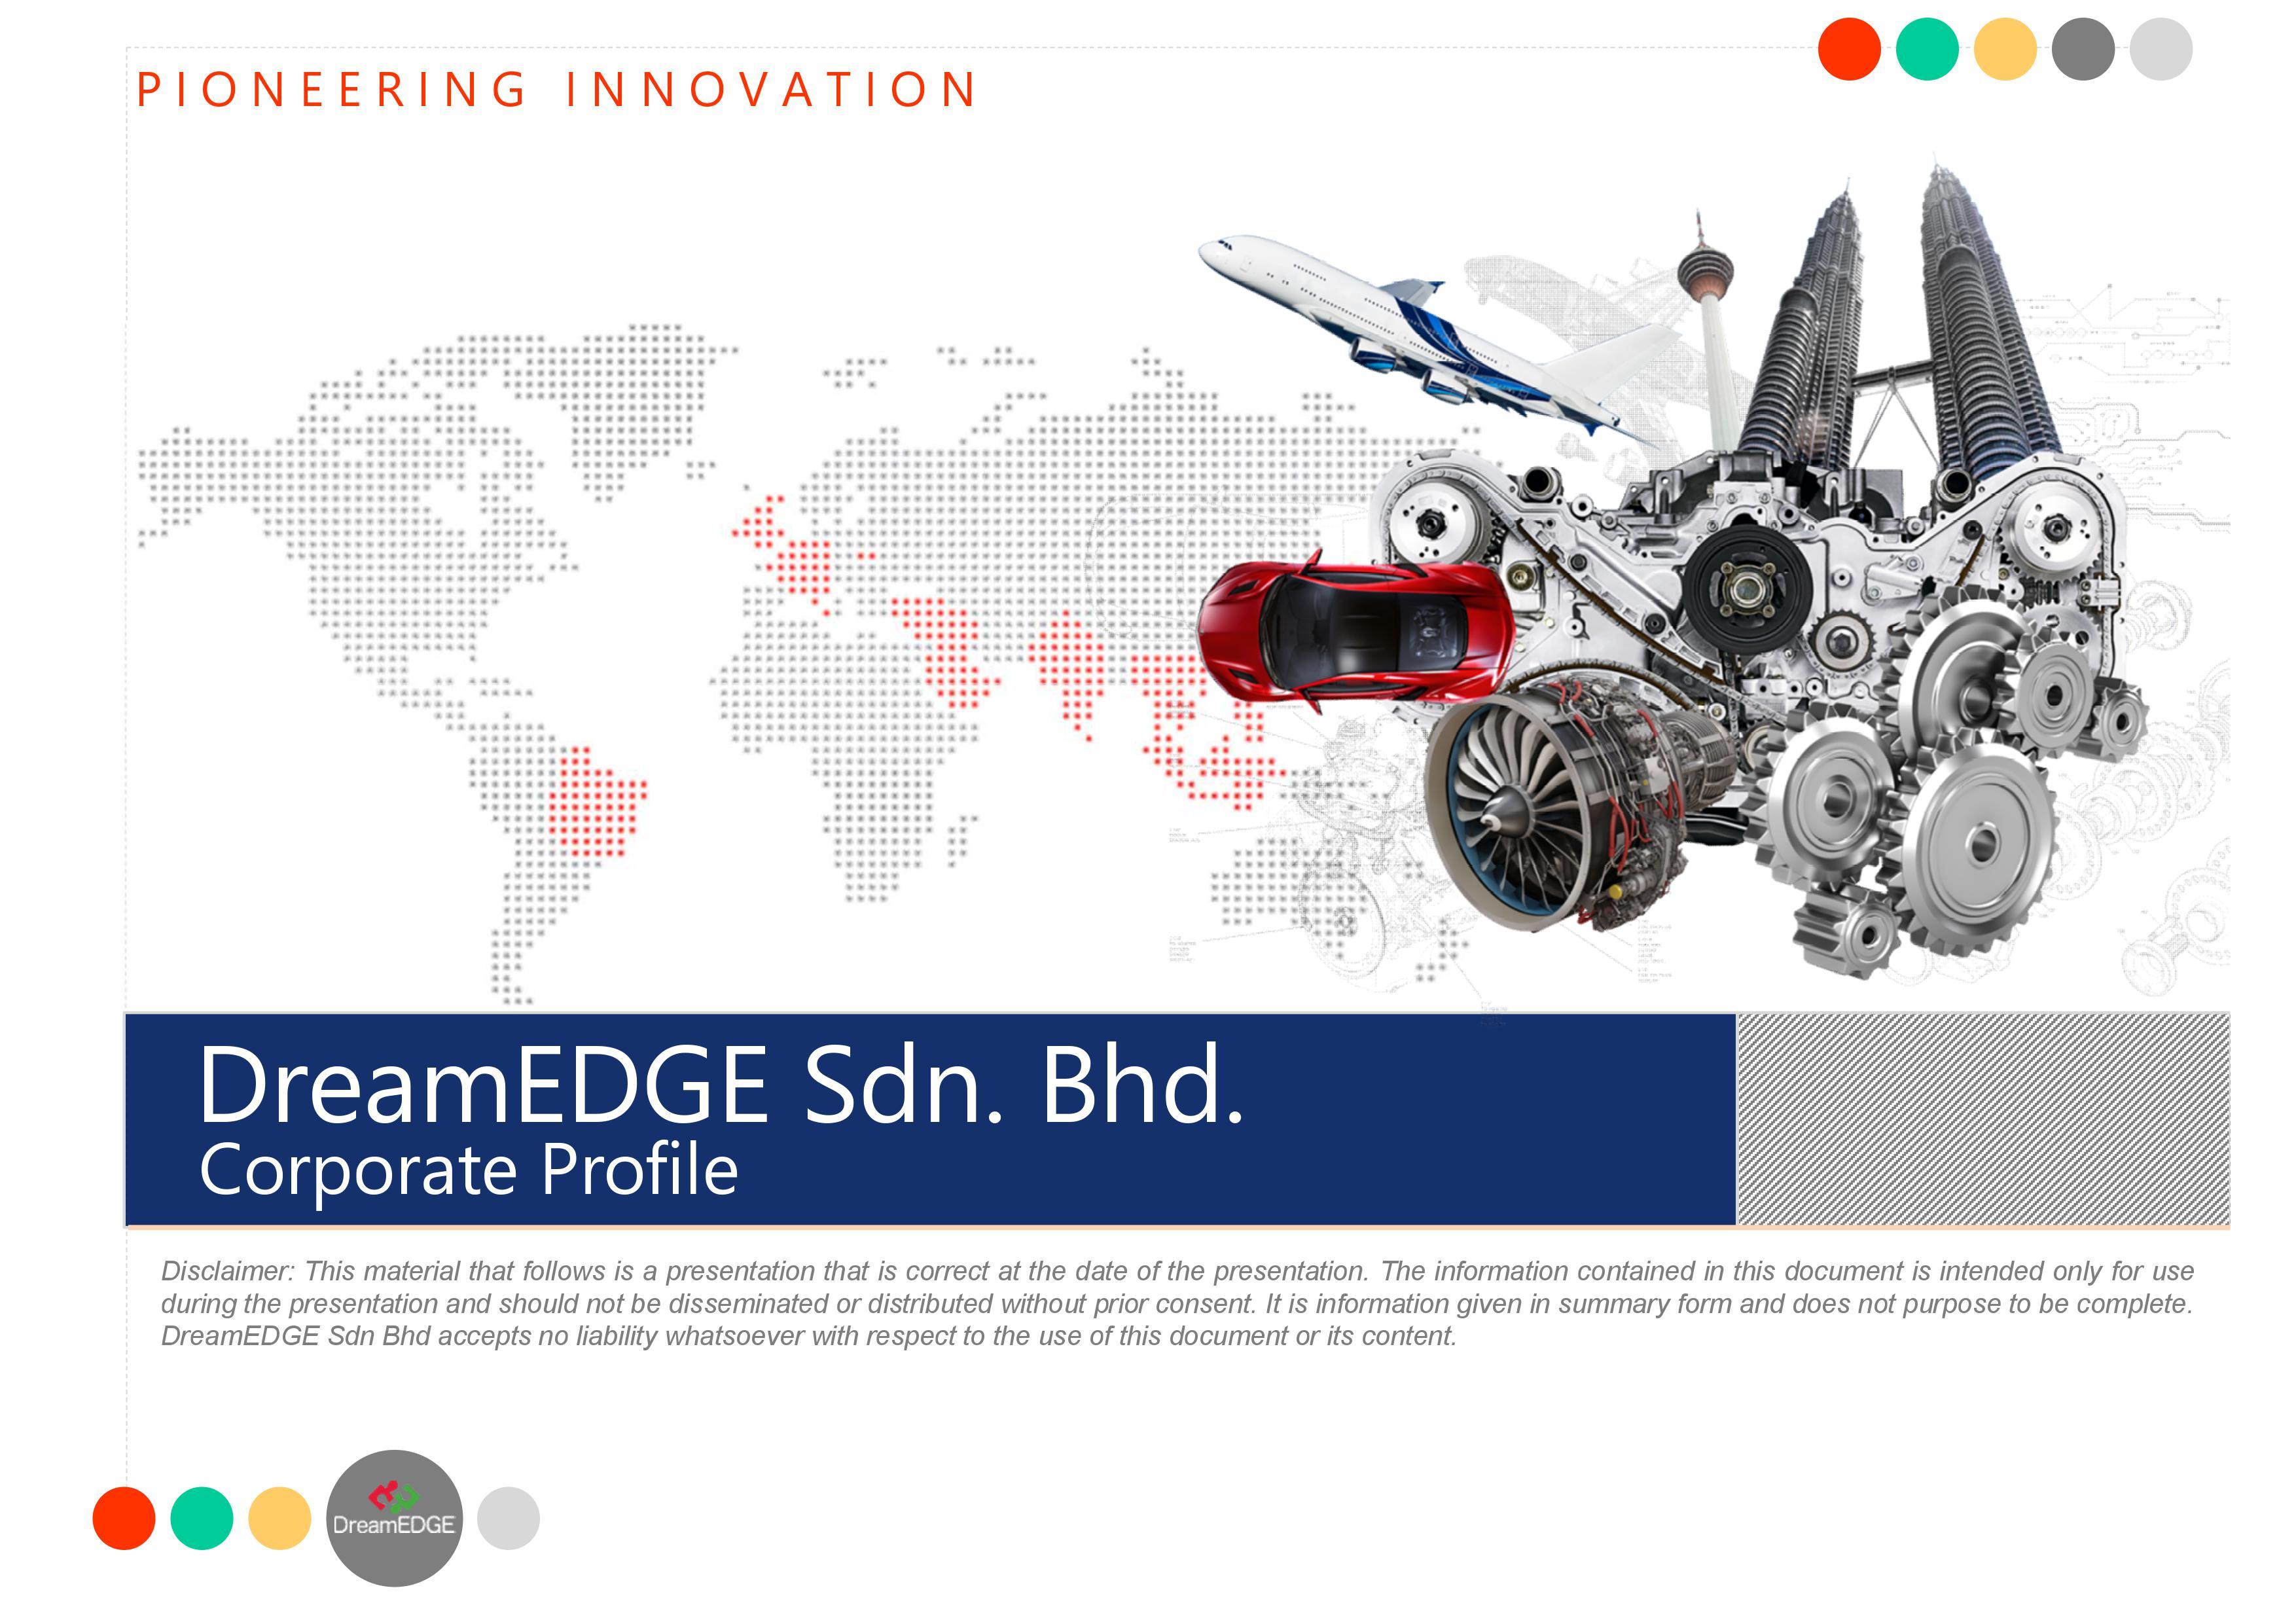 DreamEDGE Corporate Profile